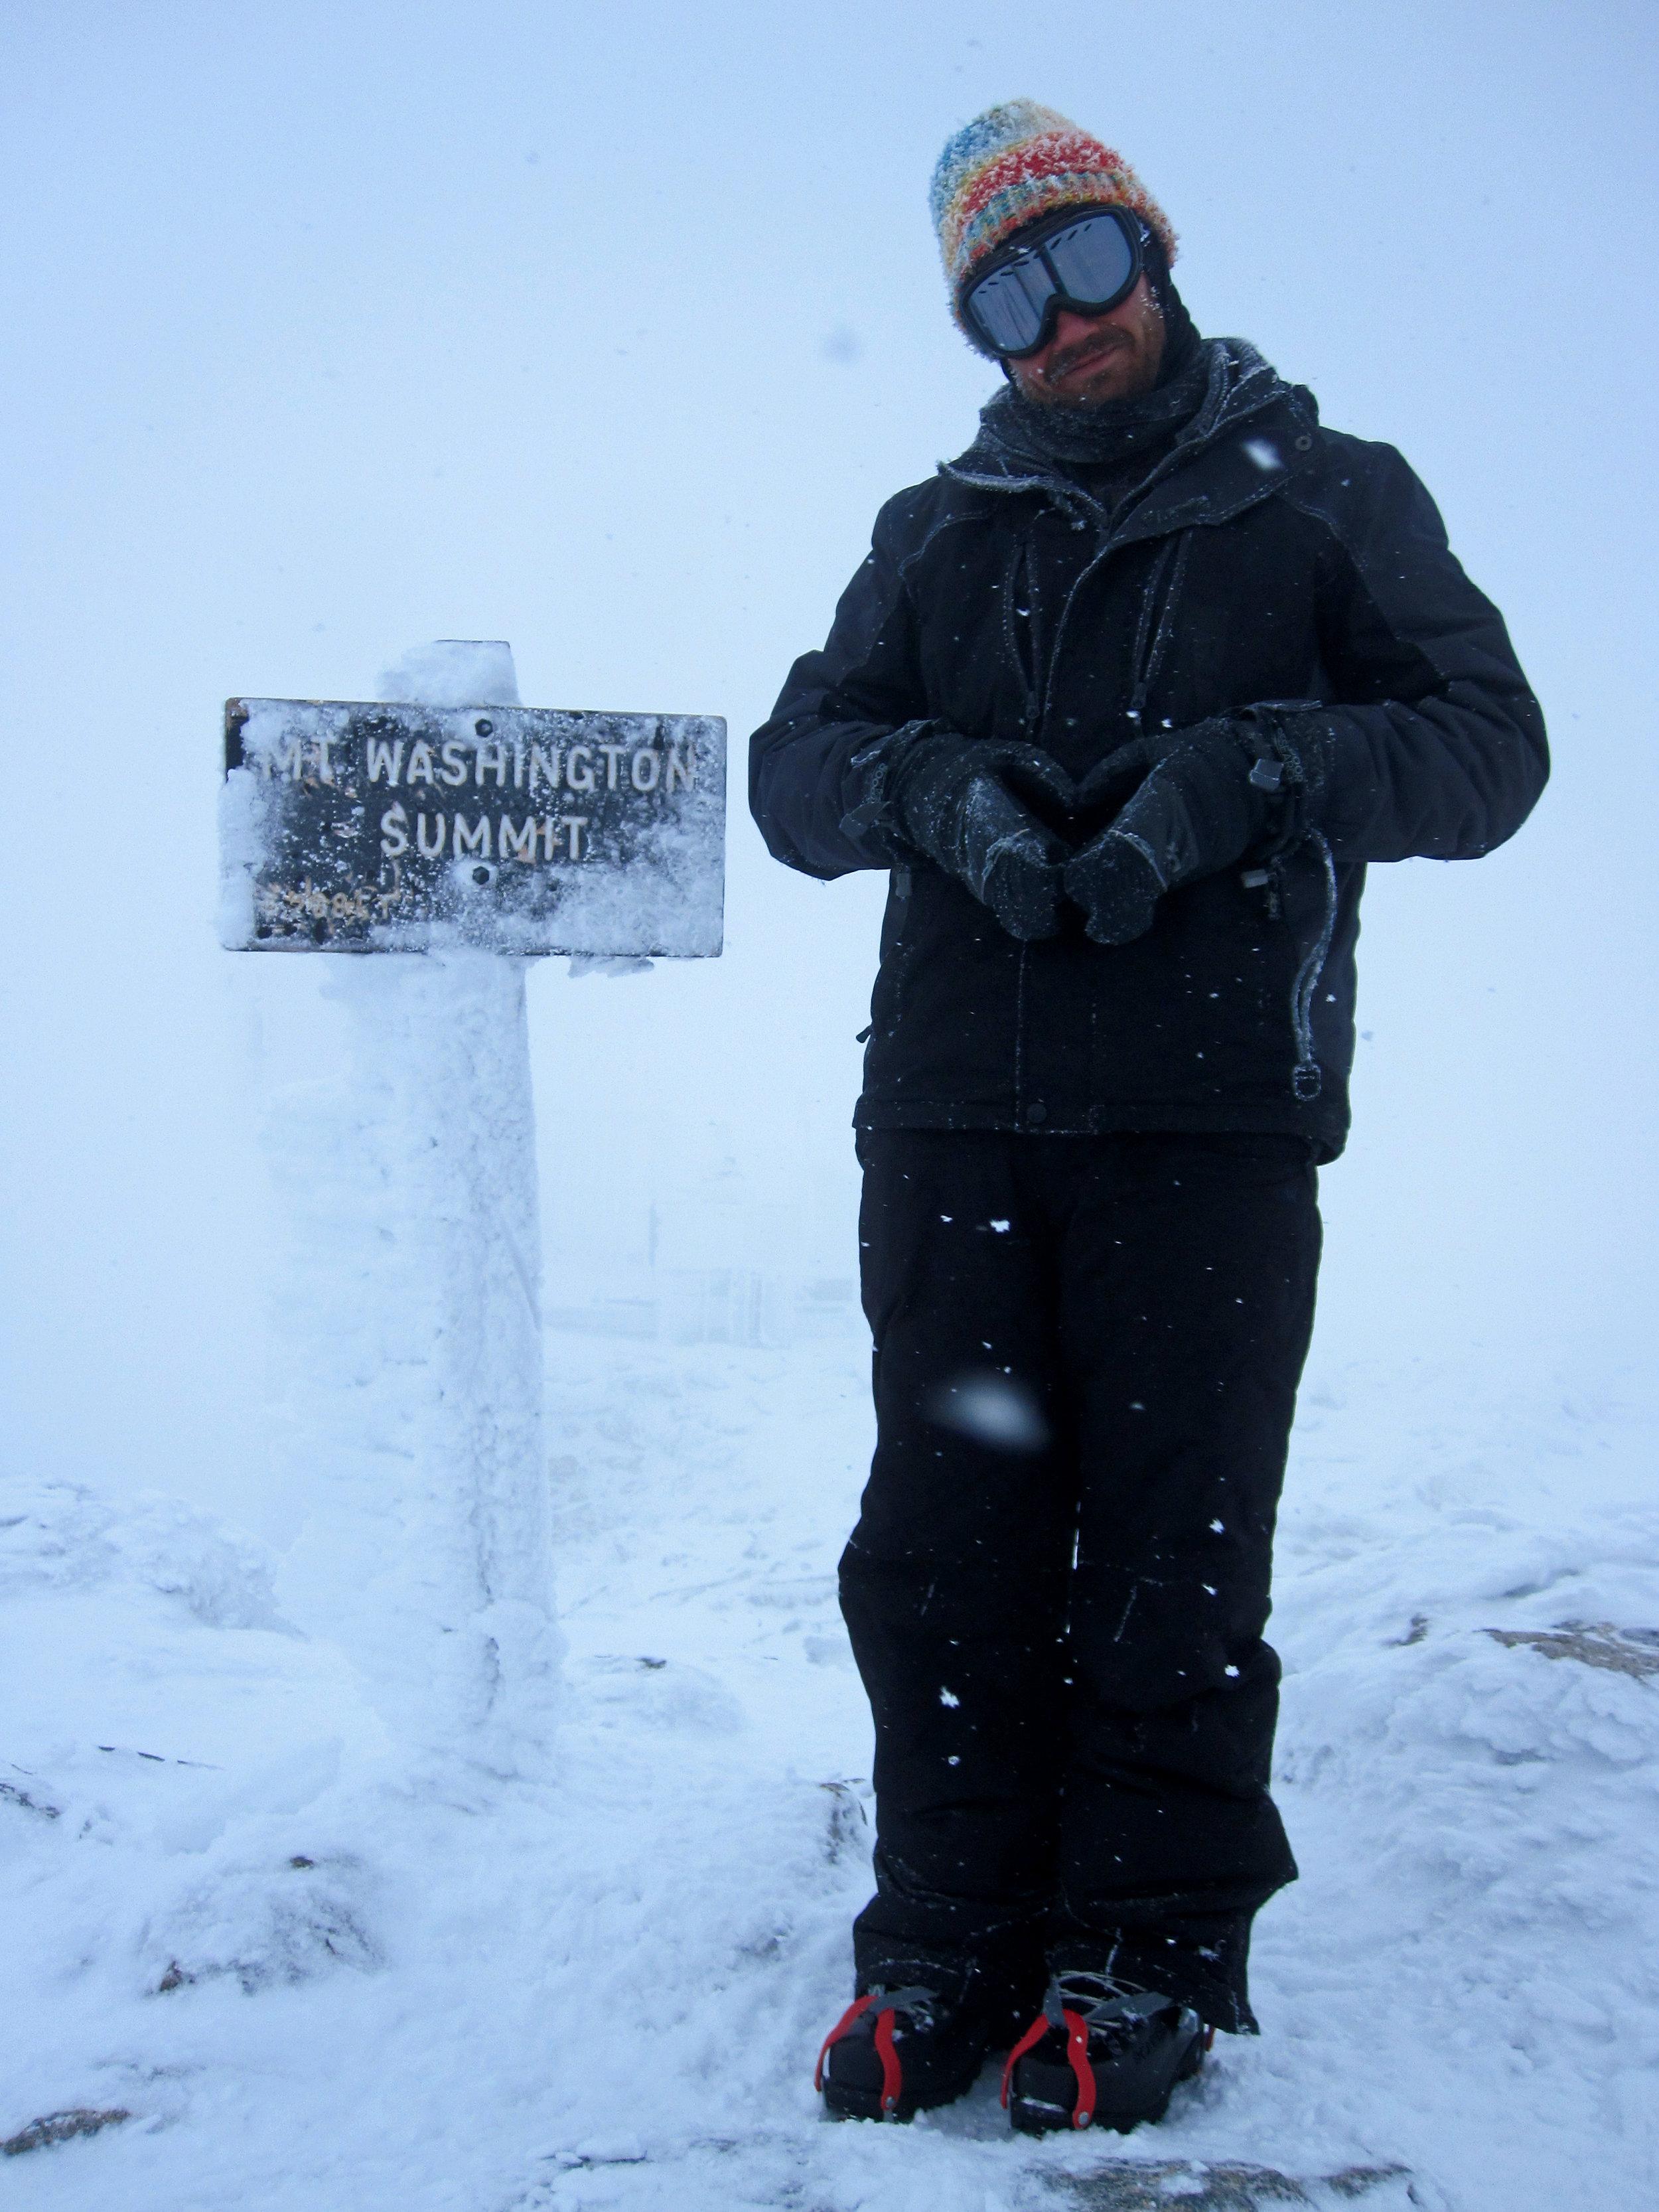 Still warm on the summit